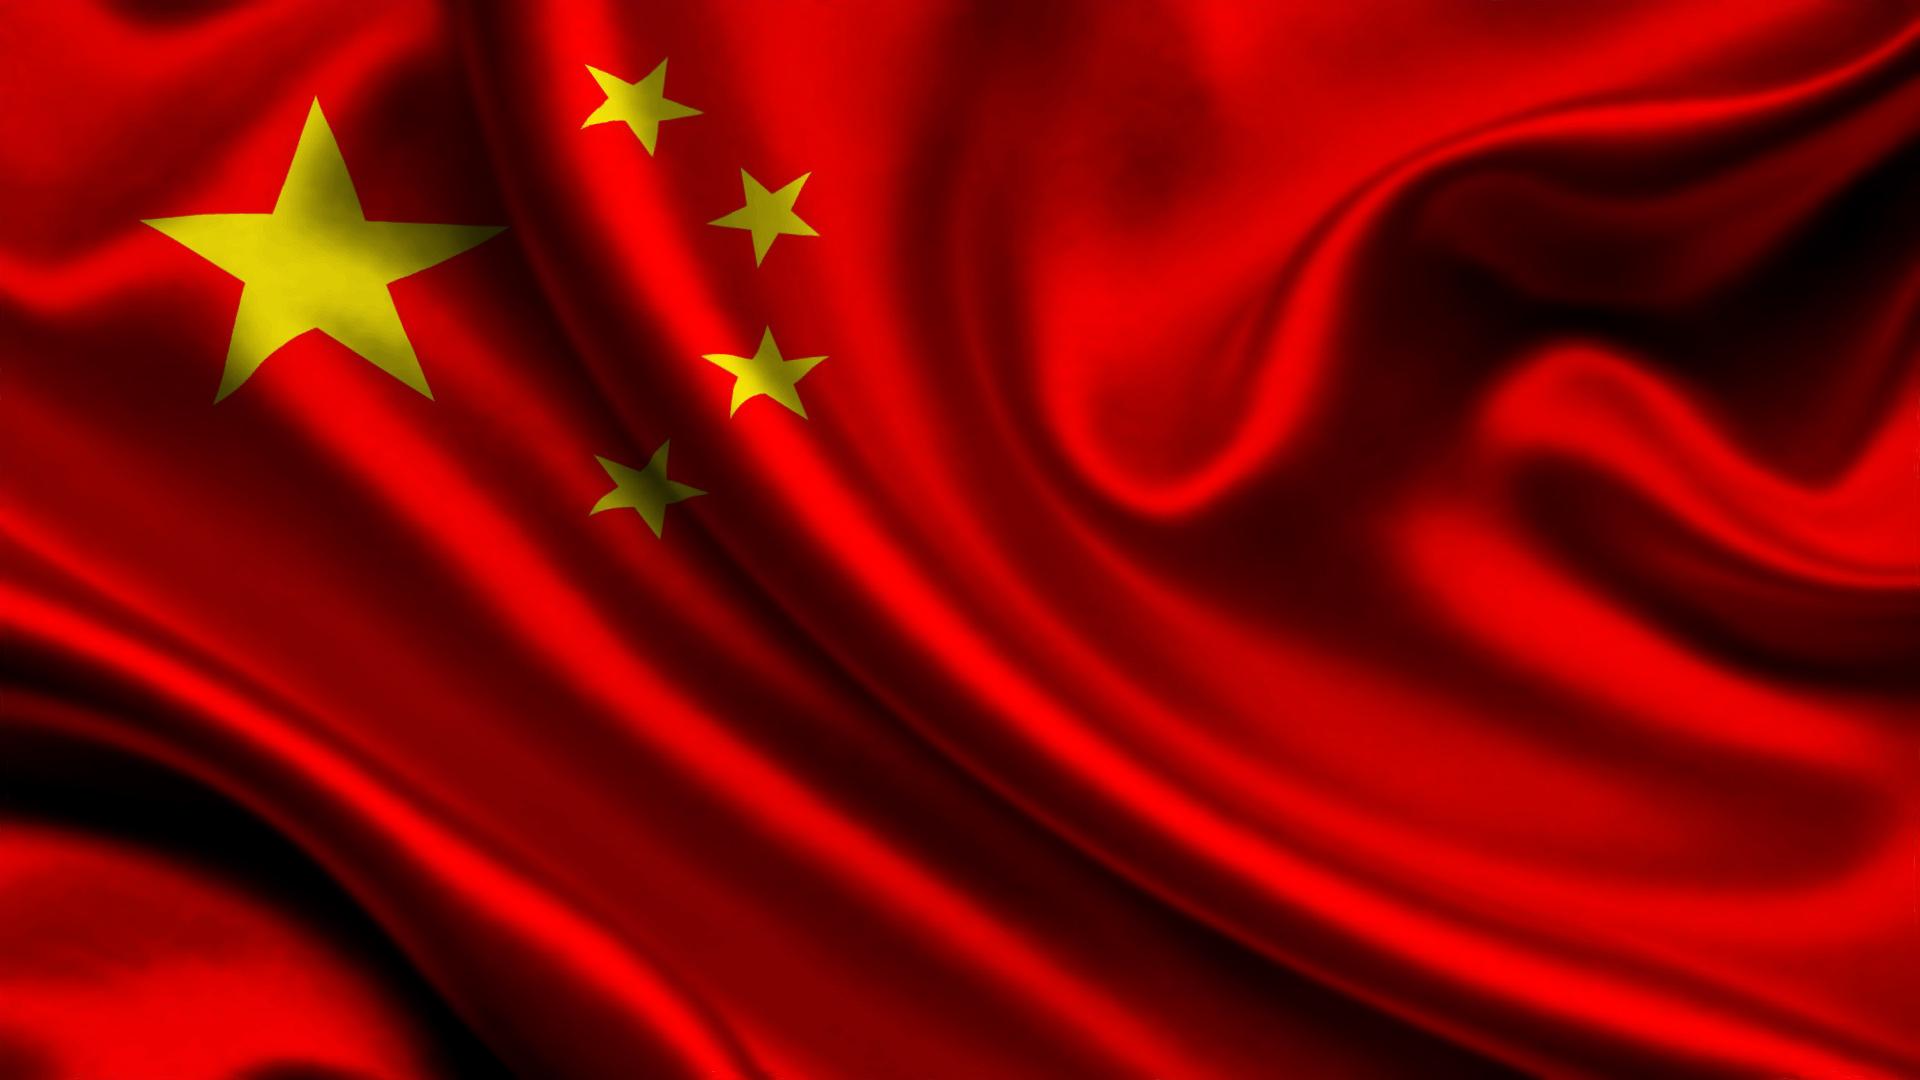 Стоимость медицинской страховки для поездки в Китай